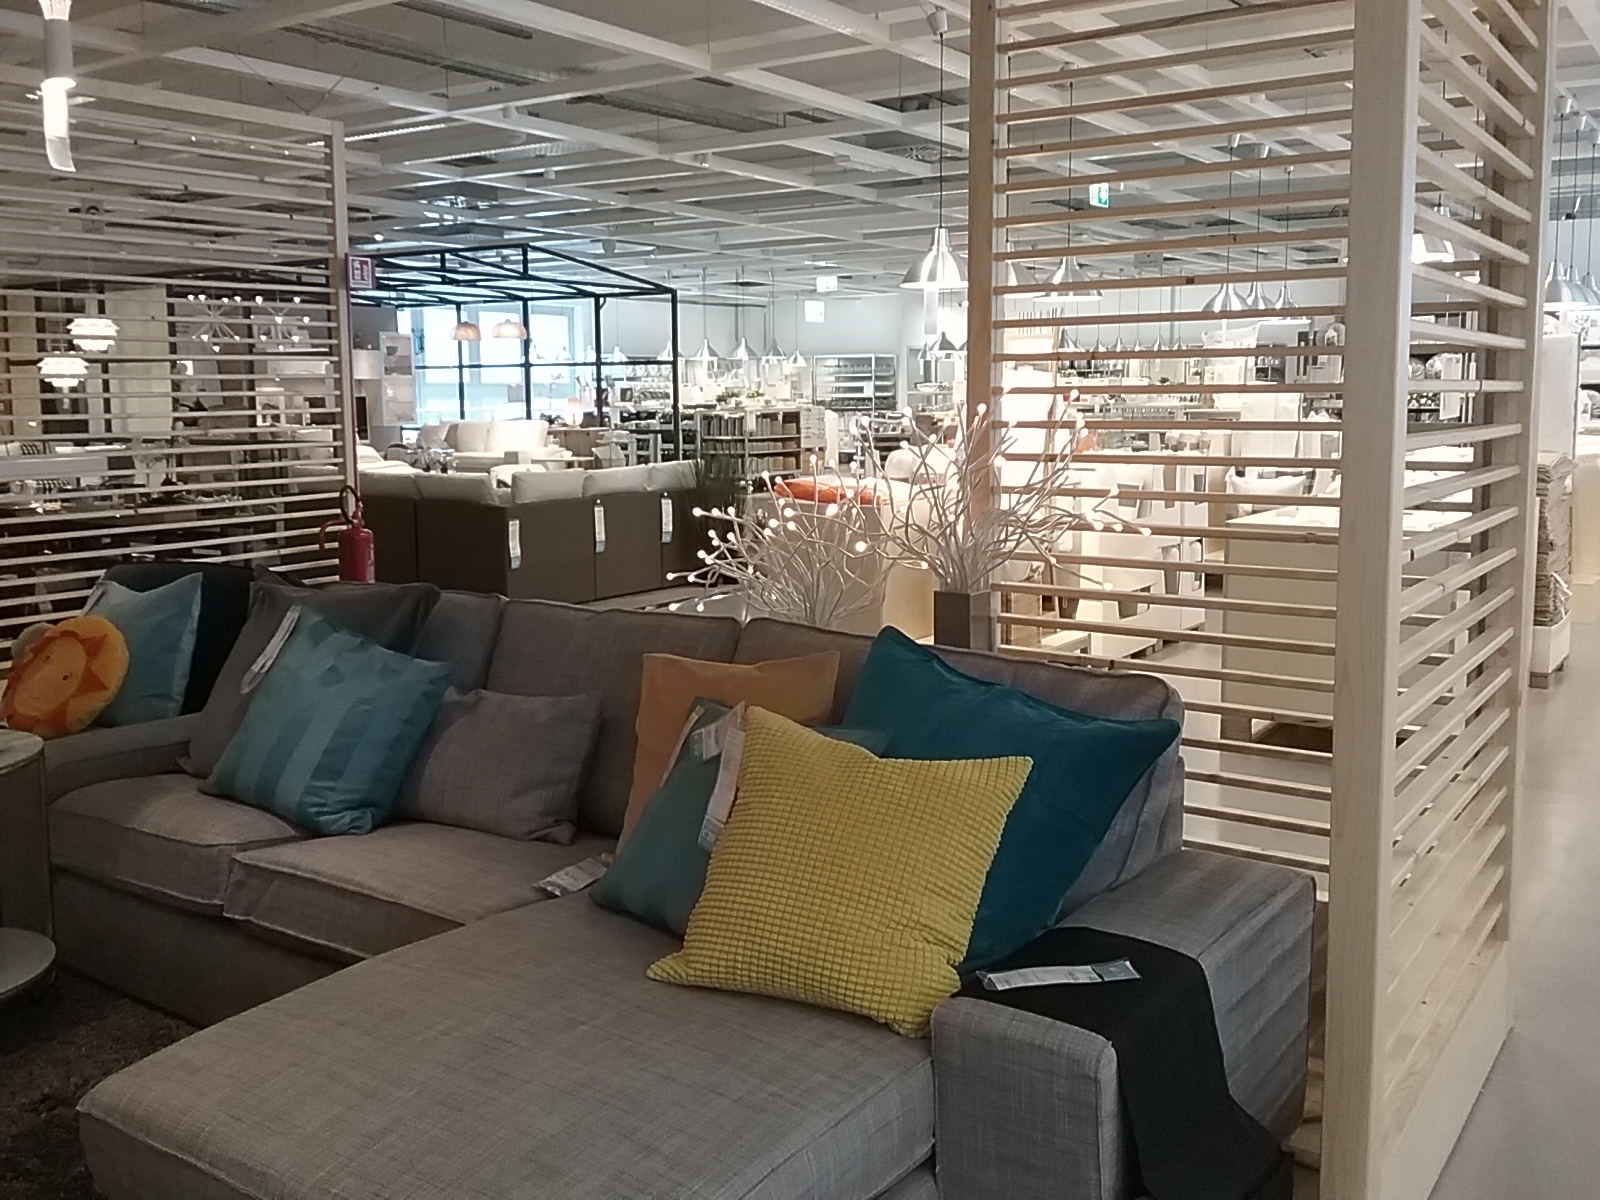 Ikea il colosso dell 39 arredamento sbarca a cagliari for Programma arredamento ikea